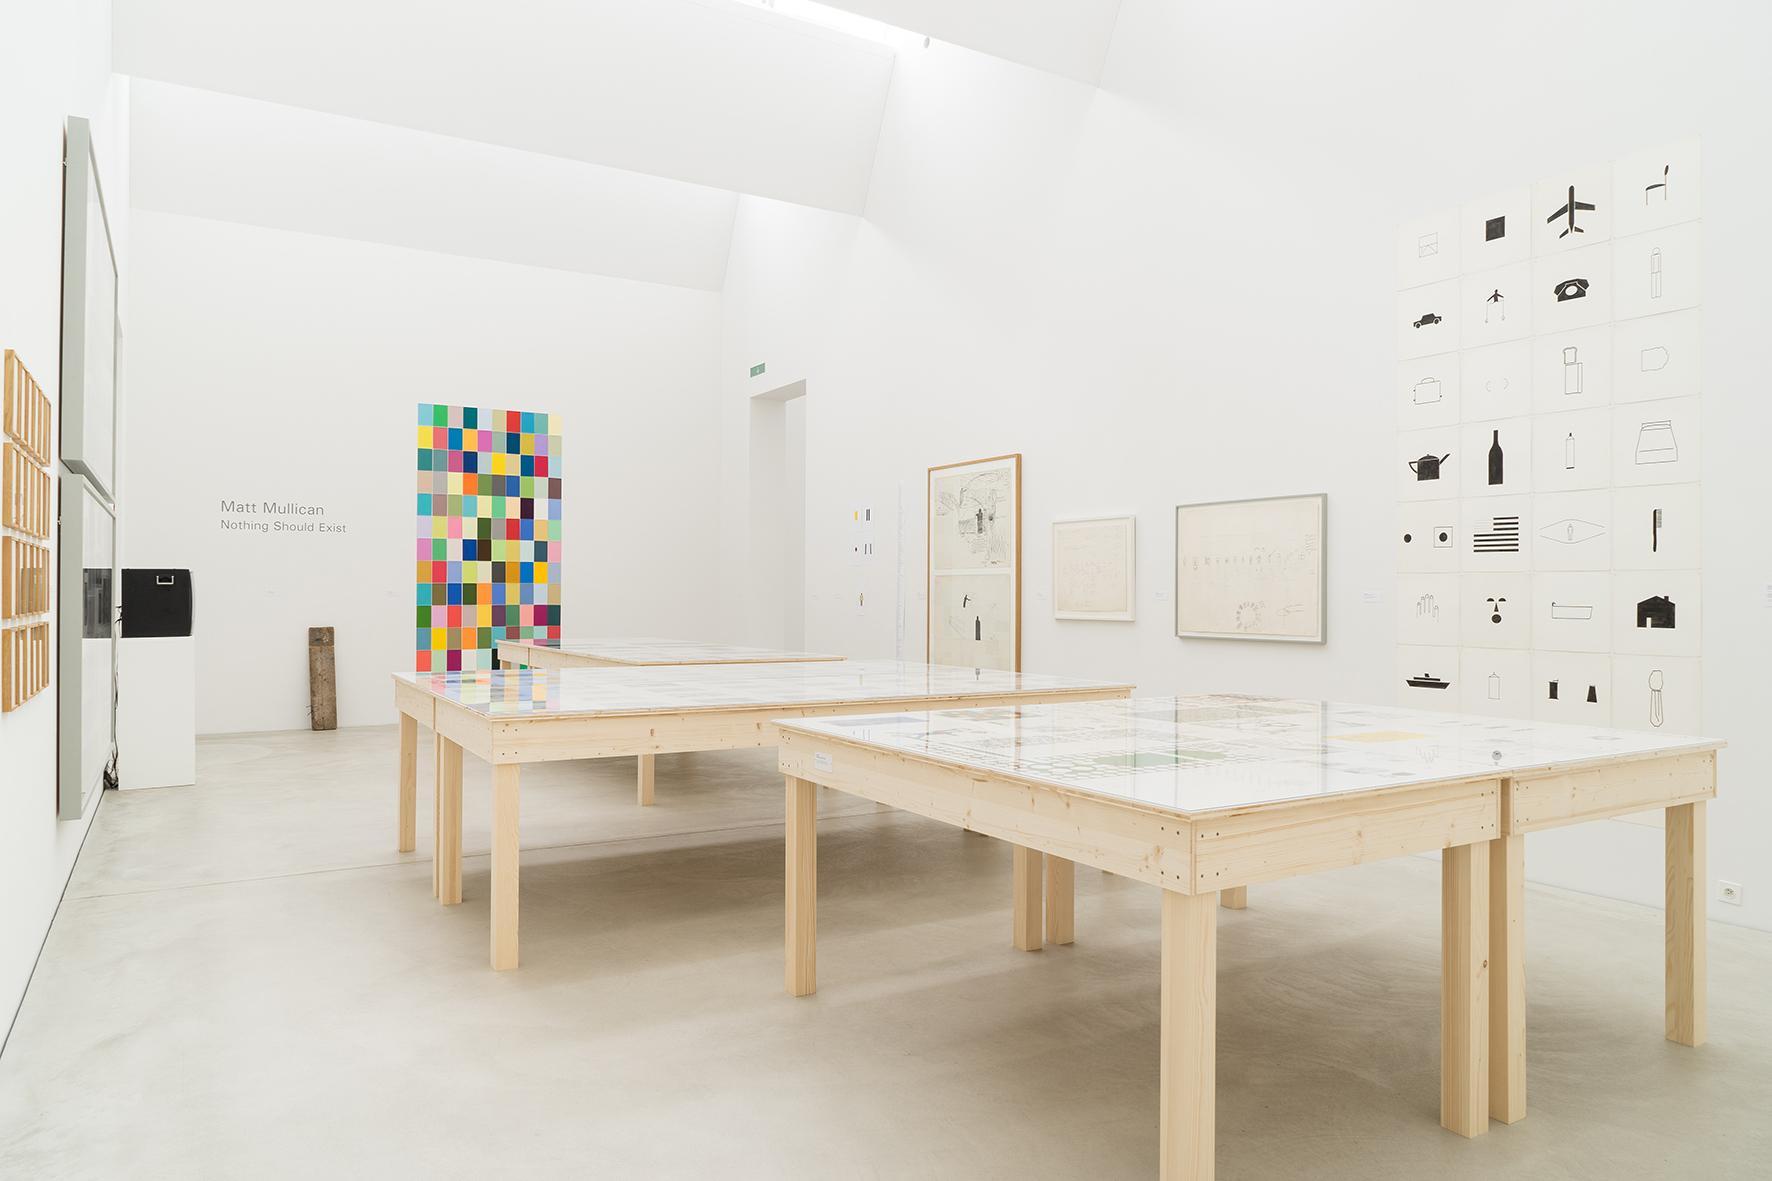 Installation view: Matt Mullican: Nothing Should Exist, Kunstmuseum Winterthur |  | ProjecteSD